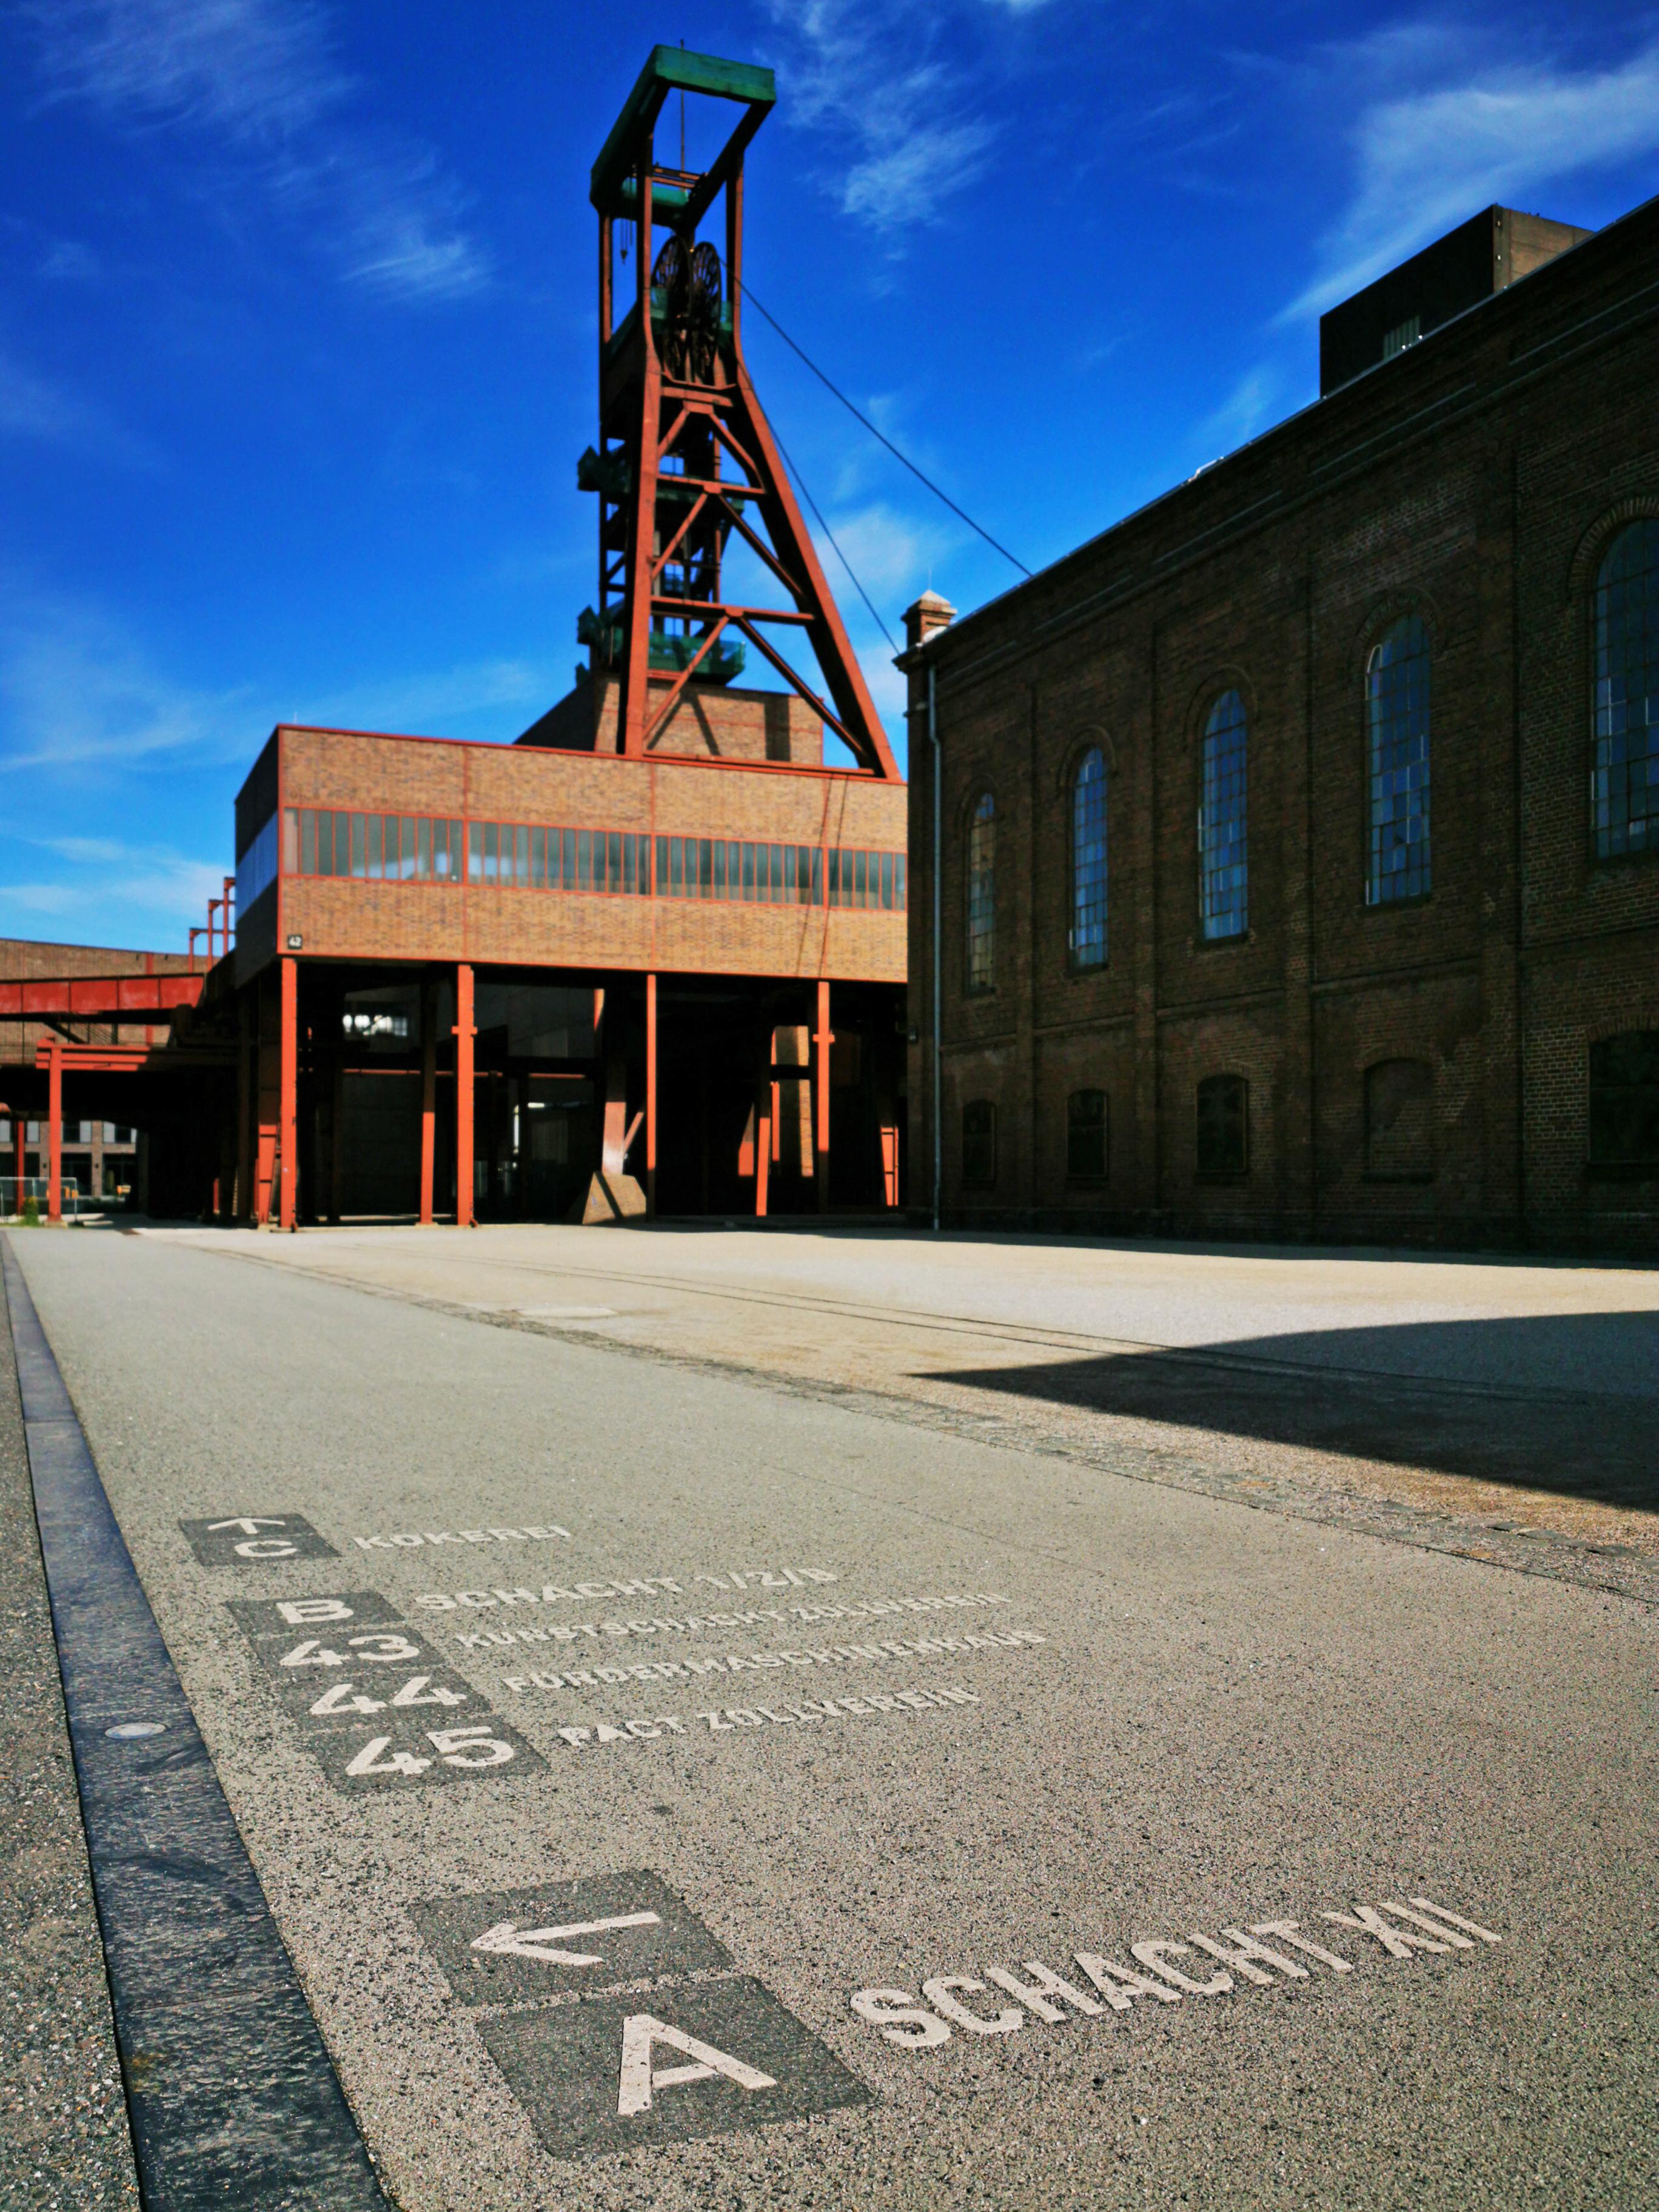 Das Bild zeigt das Welterbe Zollverein